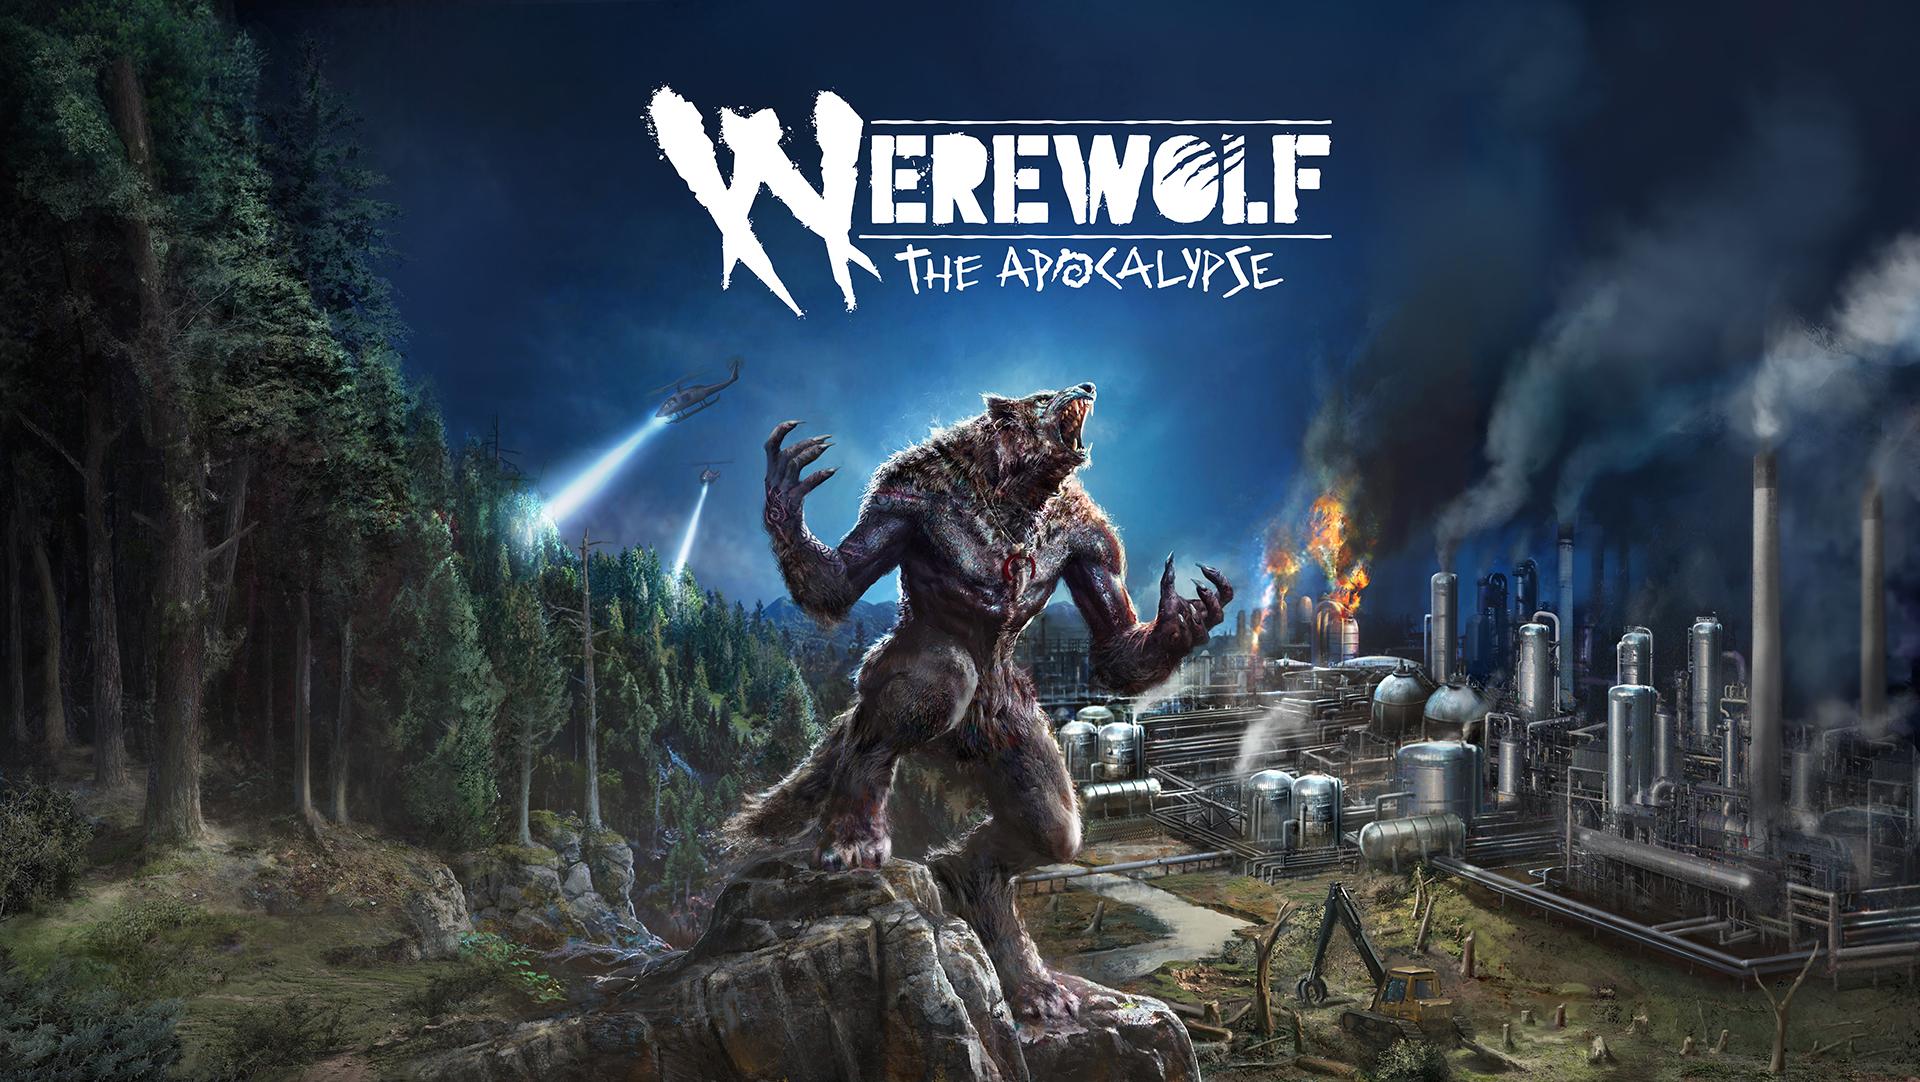 Werewolf artwrok logo